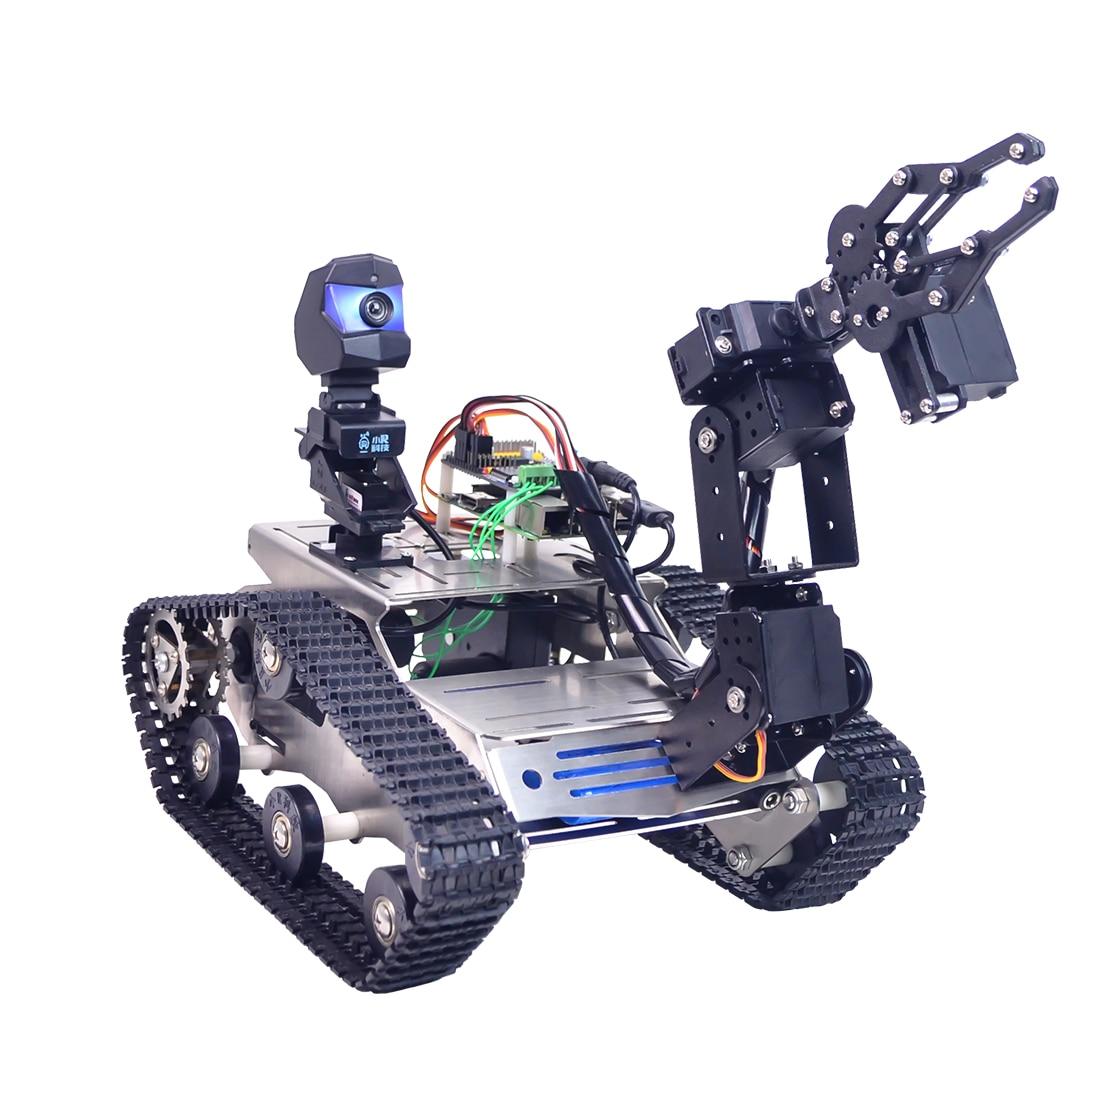 Kit de voiture Robot avec bras pour Arduino MEGA Standard petite griffe modiker haute technologie Programmable TH WiFi Bluetooth FPV réservoir